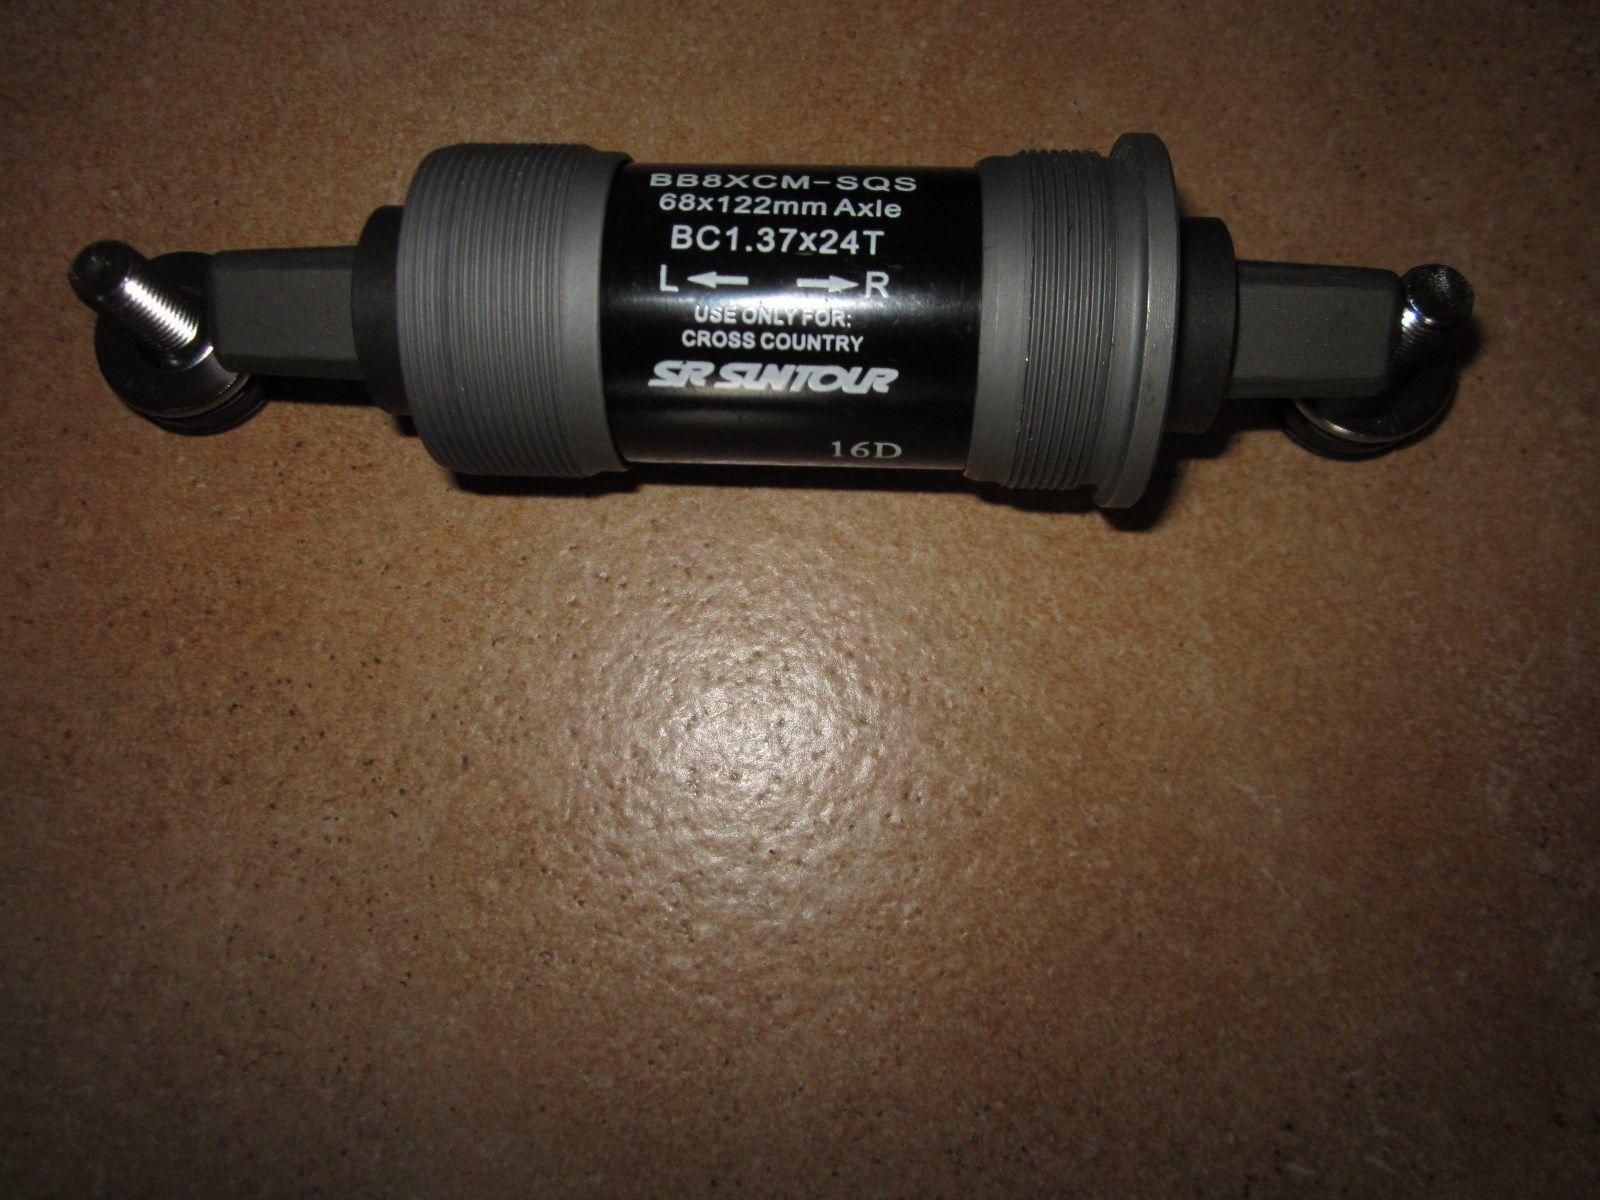 s-l1600 (28).jpg